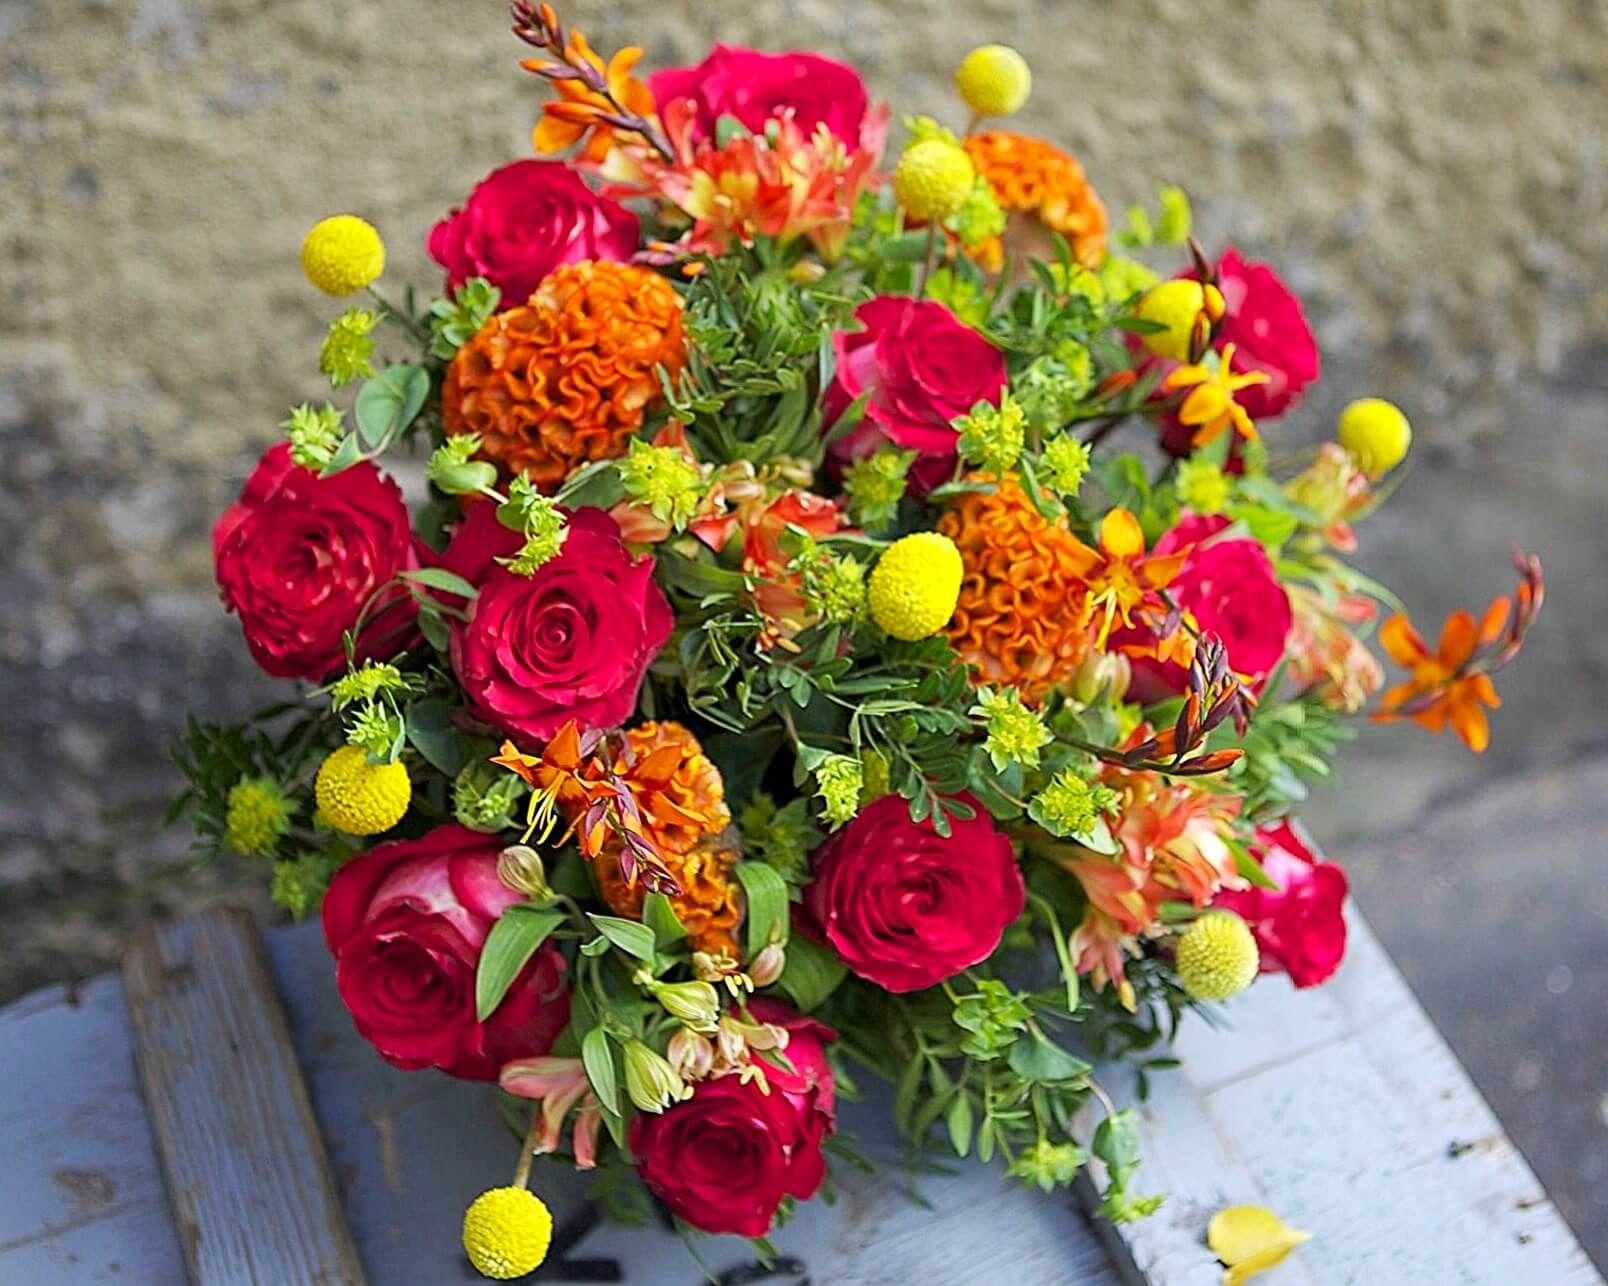 Картинки цветы красивые букеты нарисованные